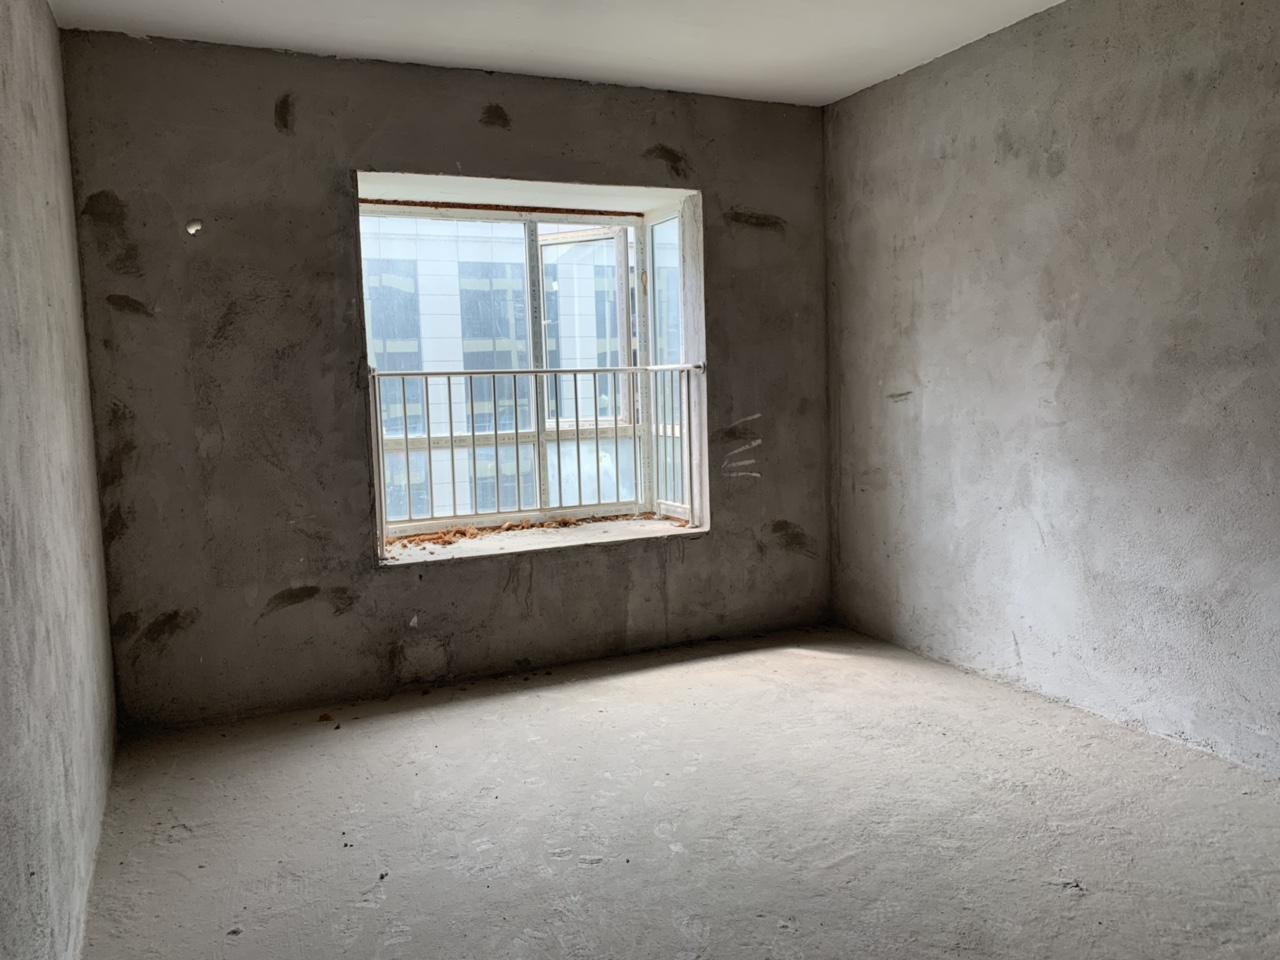 黄金水岸3室 2厅 2卫 南北通透 证件齐全 可以按揭